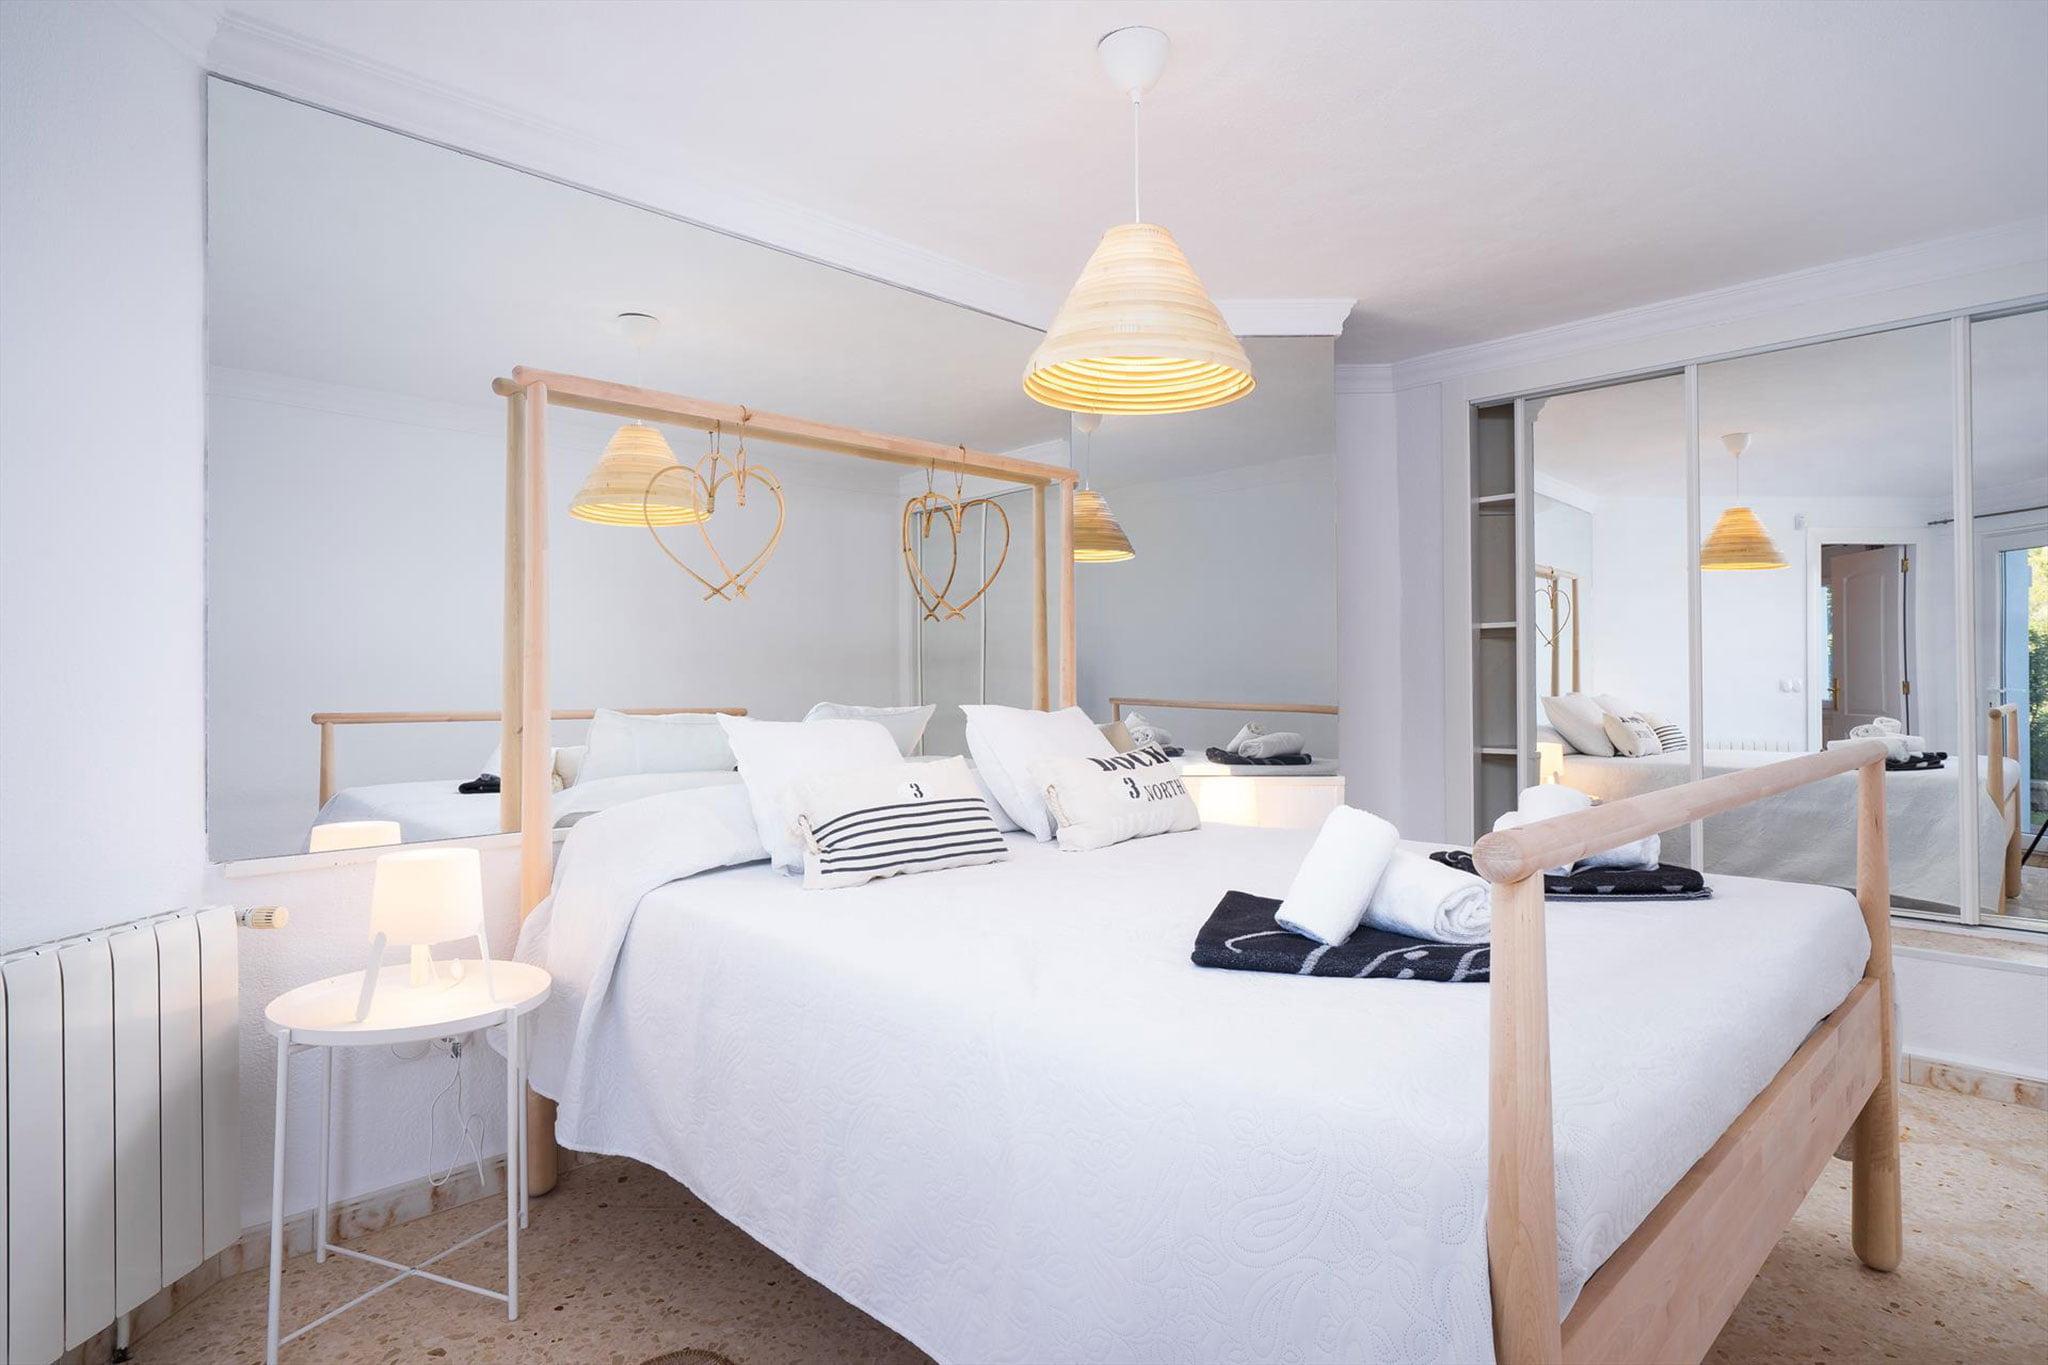 Dormitori principal en un xalet de vacances per a sis persones a Dénia - Aguila Rent a Vila